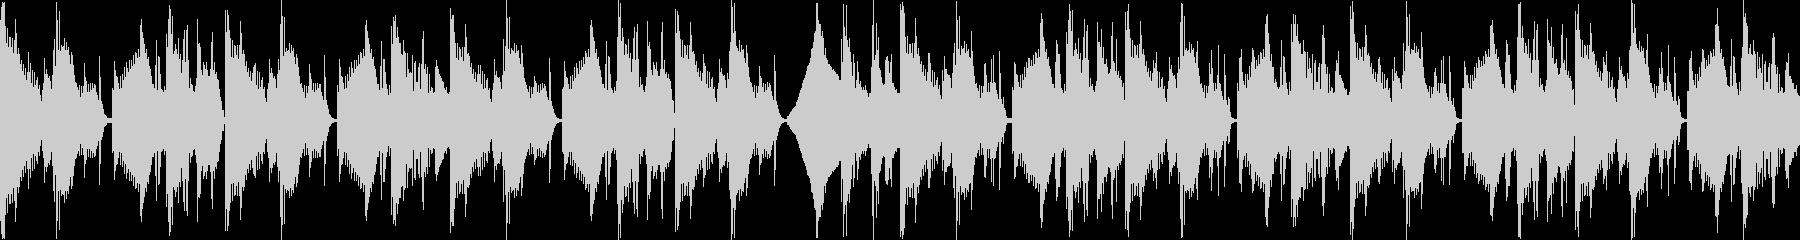 【メロなし・ループAメロ】不穏/なEDMの未再生の波形